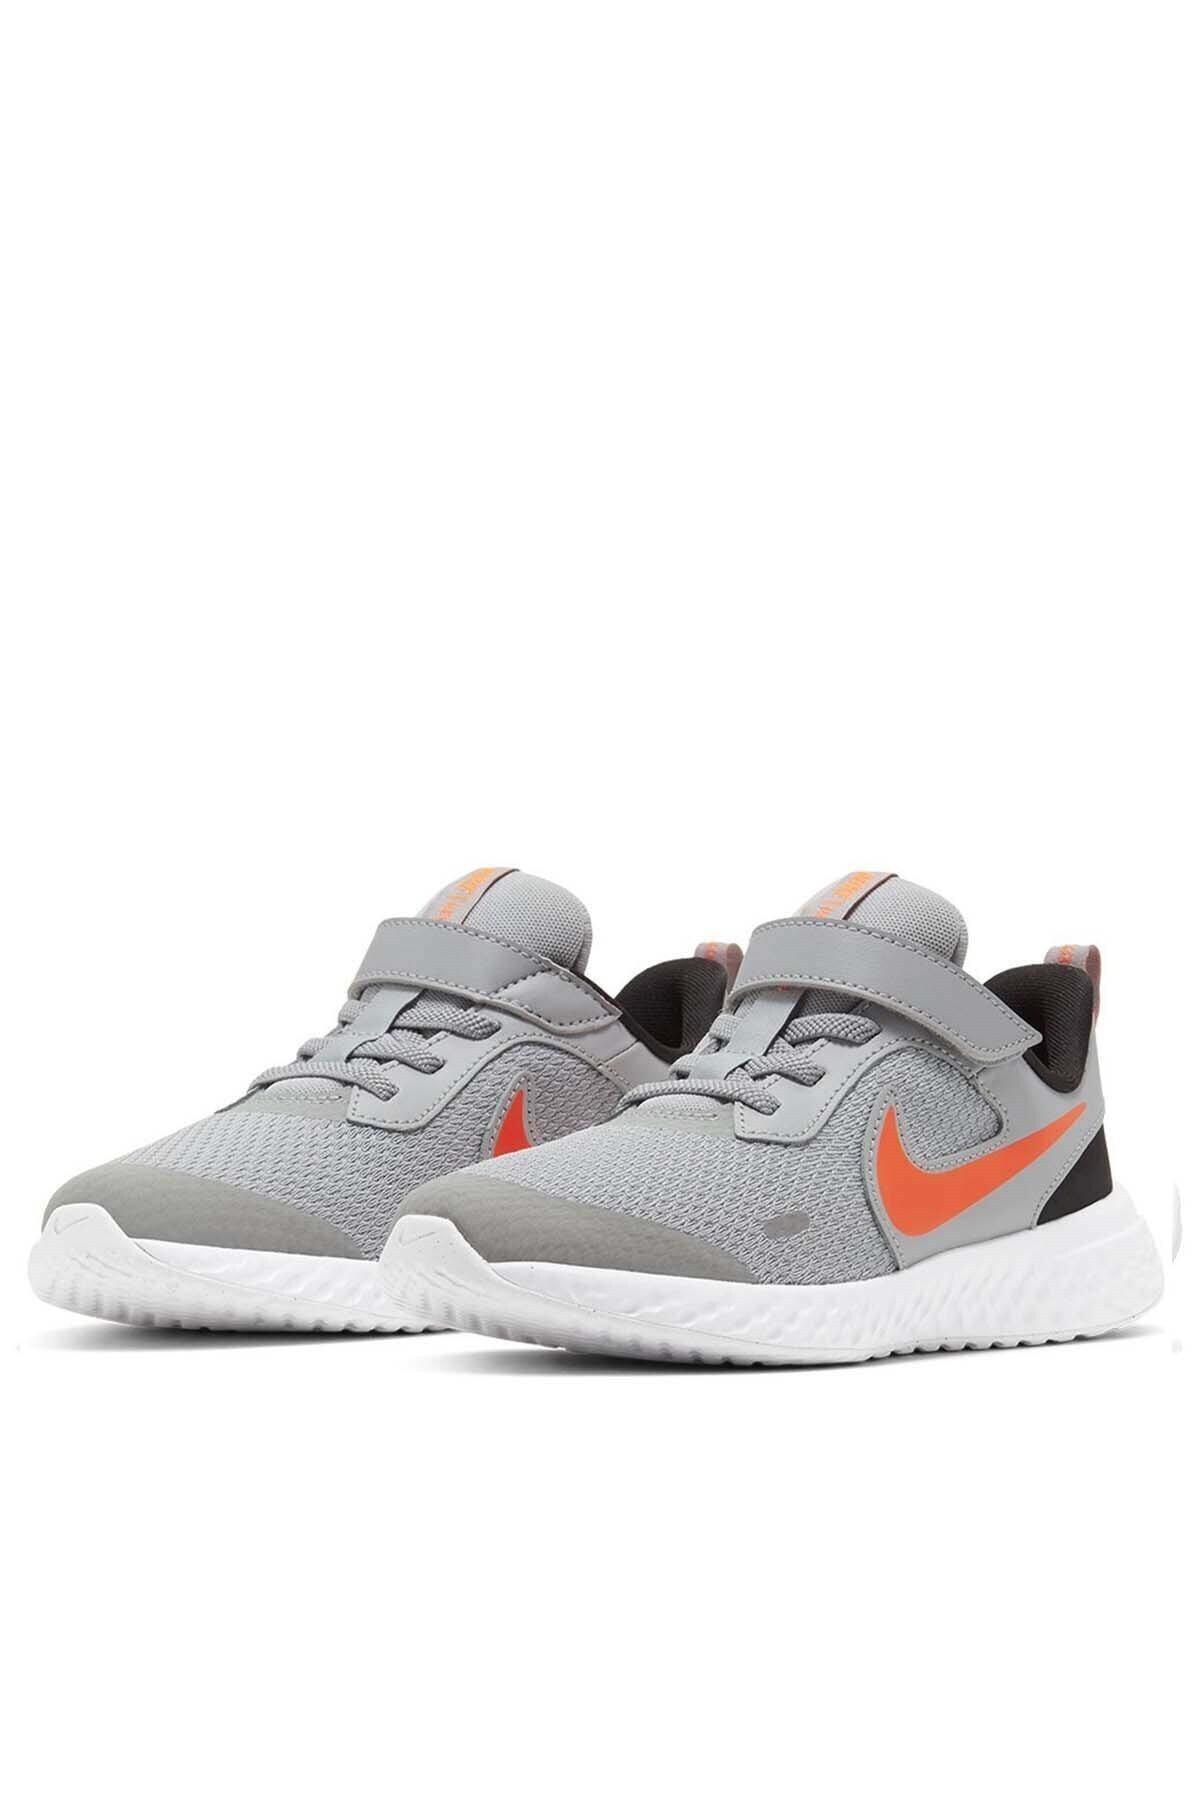 Nike Unisex Çocuk Gri Yürüyüş Koşu Ayakkabı Bq5672-007 Revolutıon 5 Psv 2